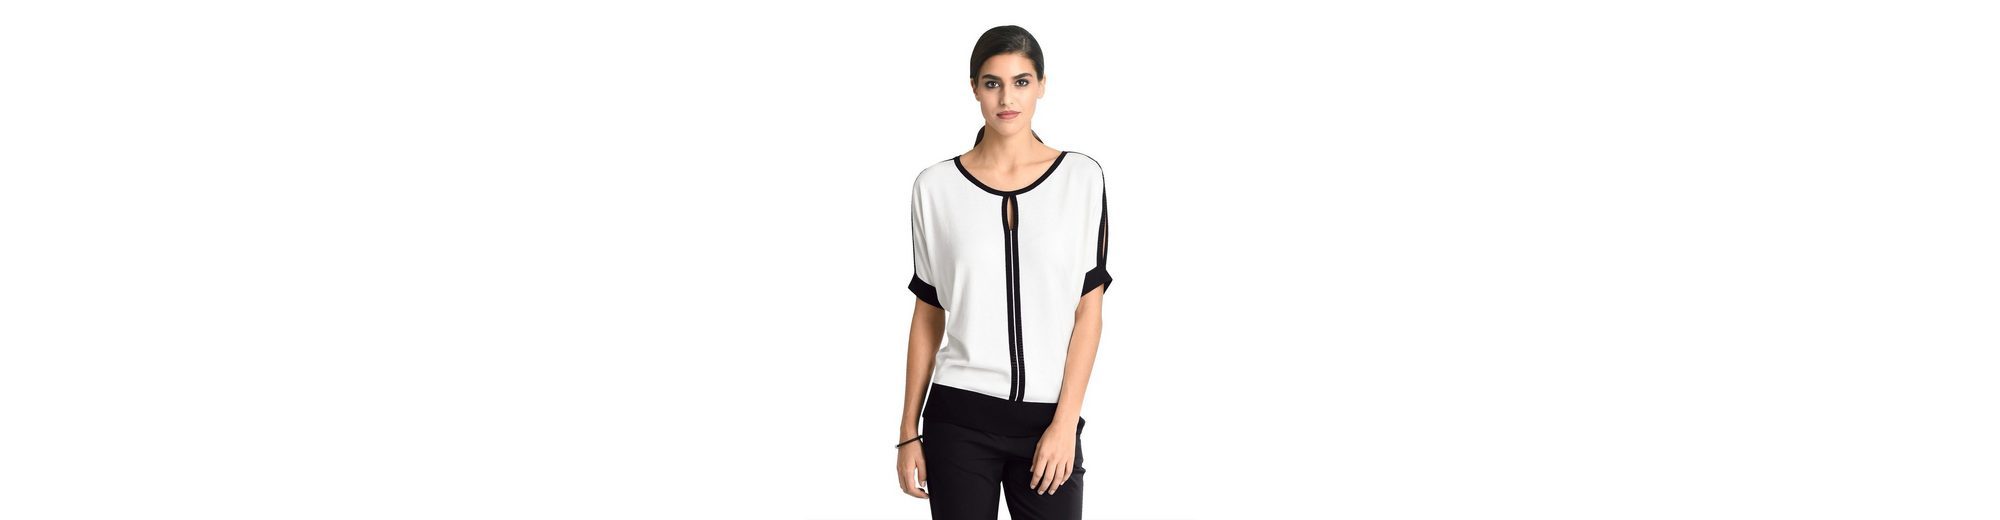 Authentische Online Alba Moda Pullover mit modischen Cut-Outs Austritt Aus Deutschland Verkaufsshop Bilder Im Internet Kaufen Billig Zu Kaufen P9y8QxXdo